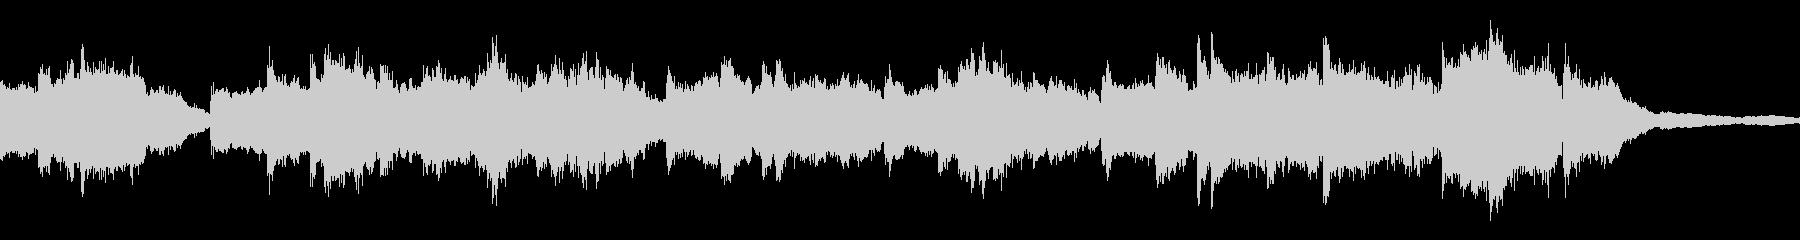 Rワーグナーの有名なクラシックのピ...の未再生の波形